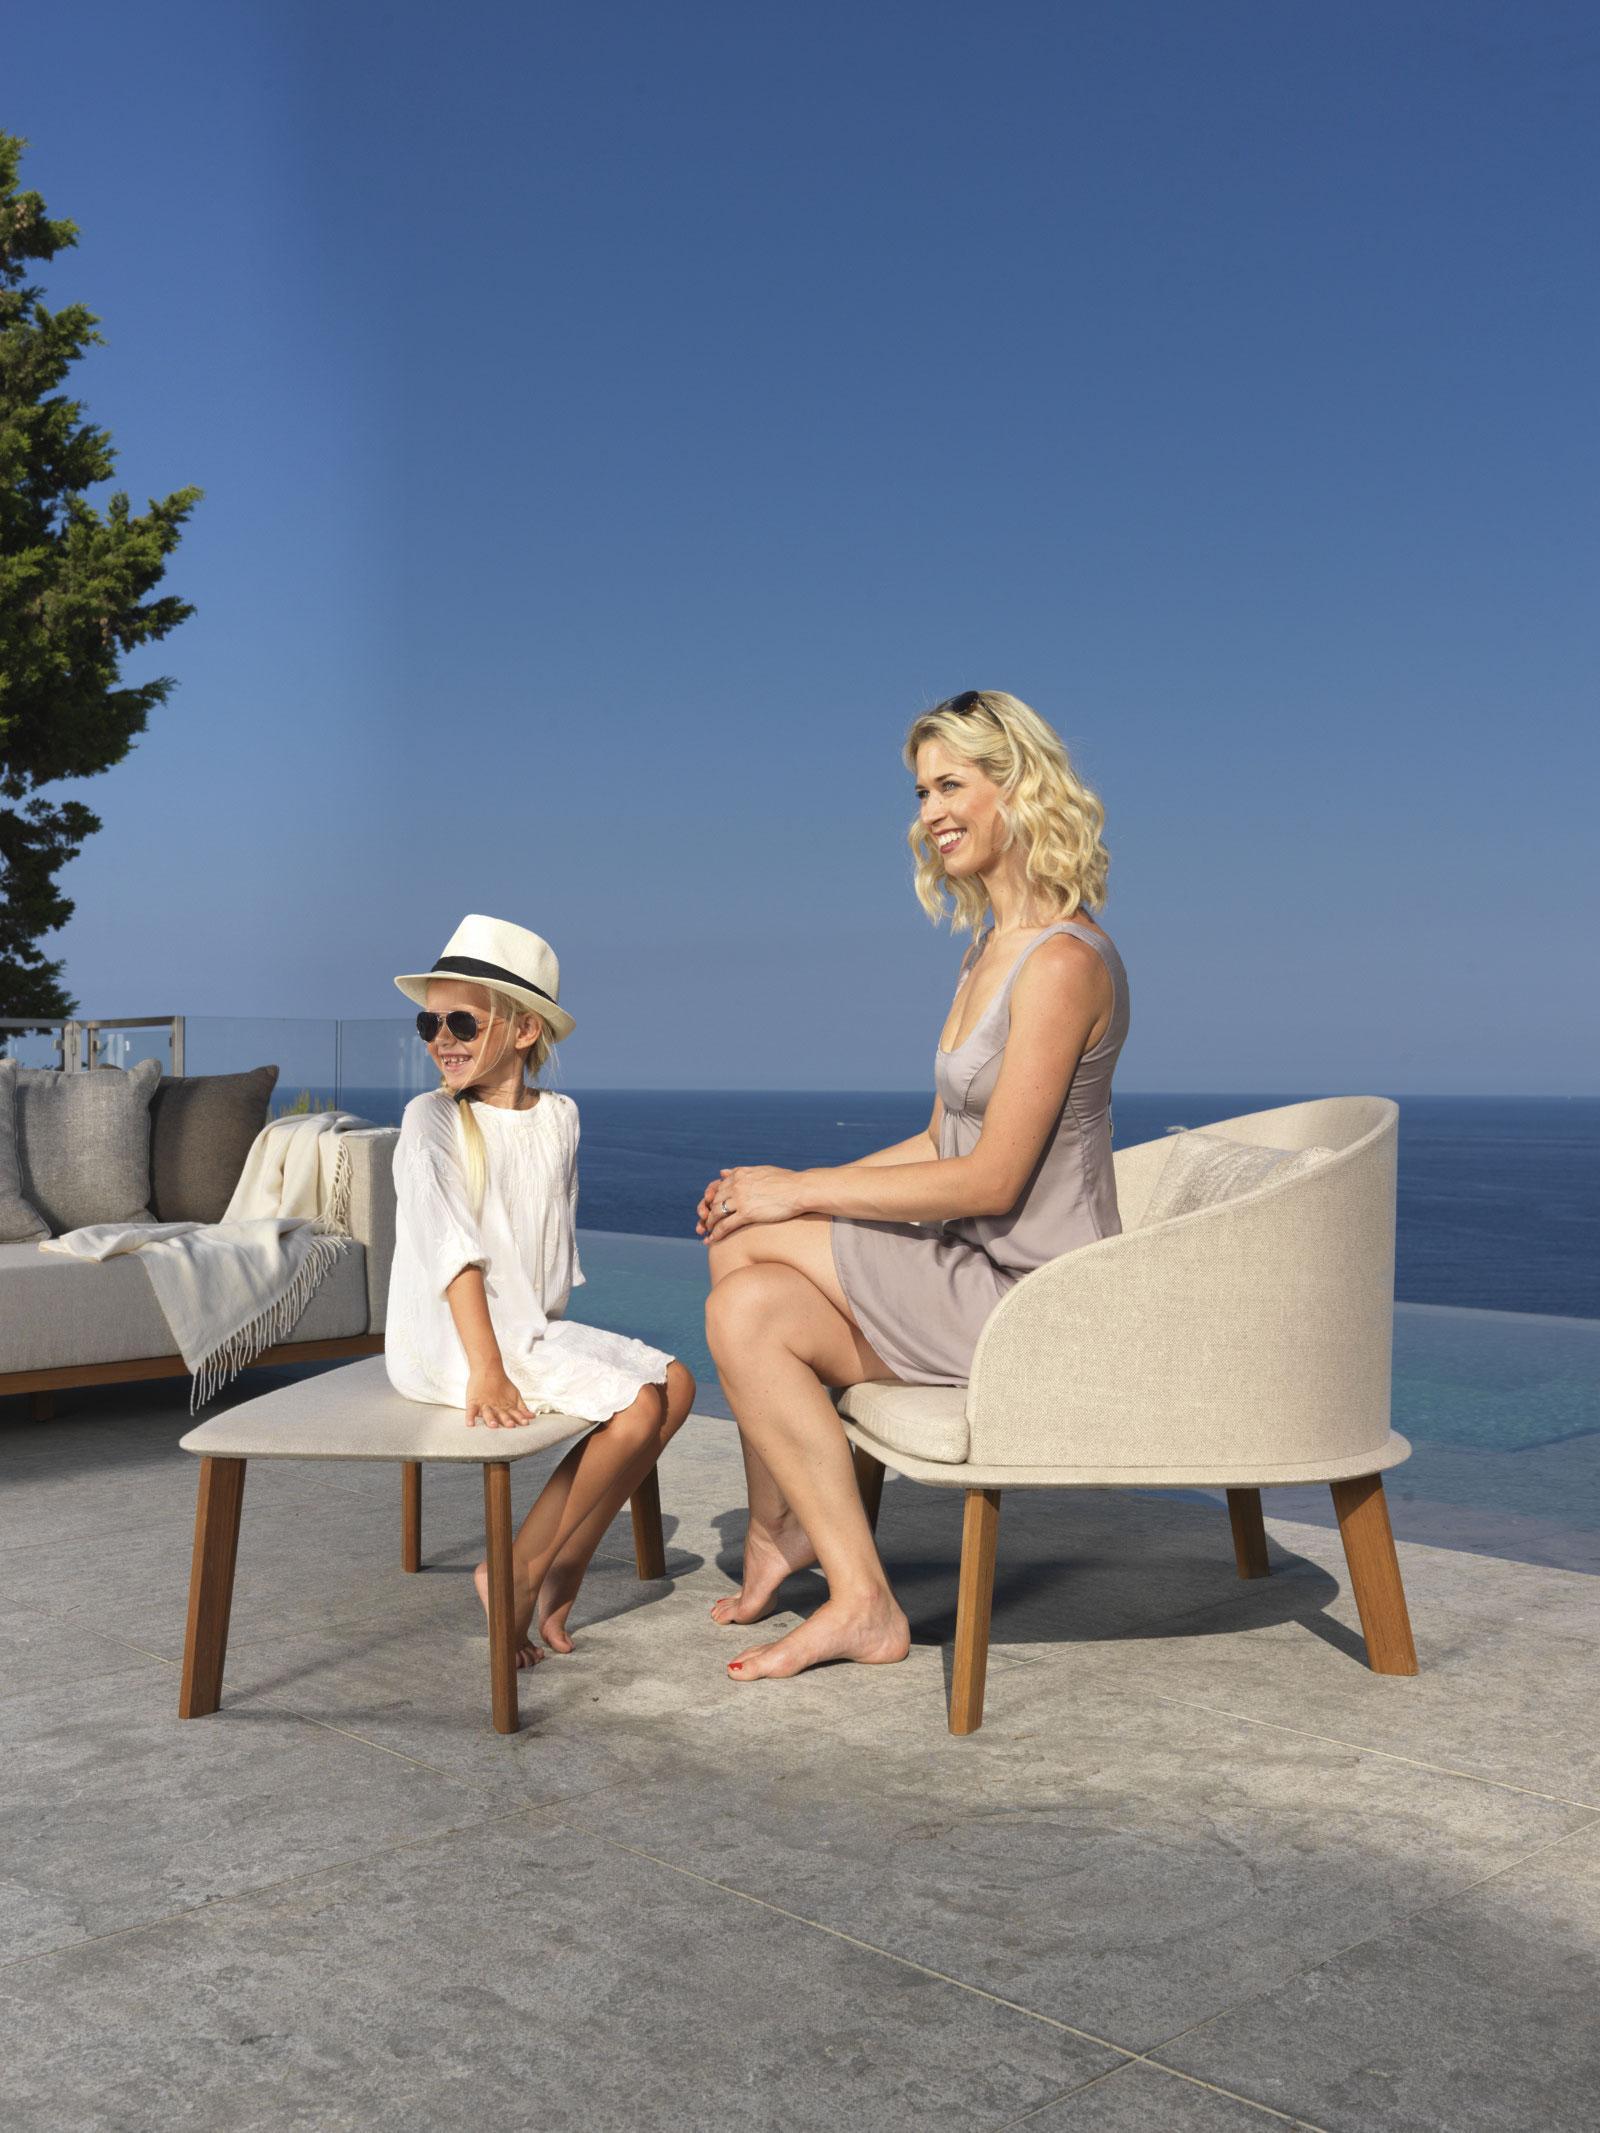 poltrona lounge da esterno giardino made in italy design prezzi arredamento da esterno lusso marco acerbis teak sunbrella